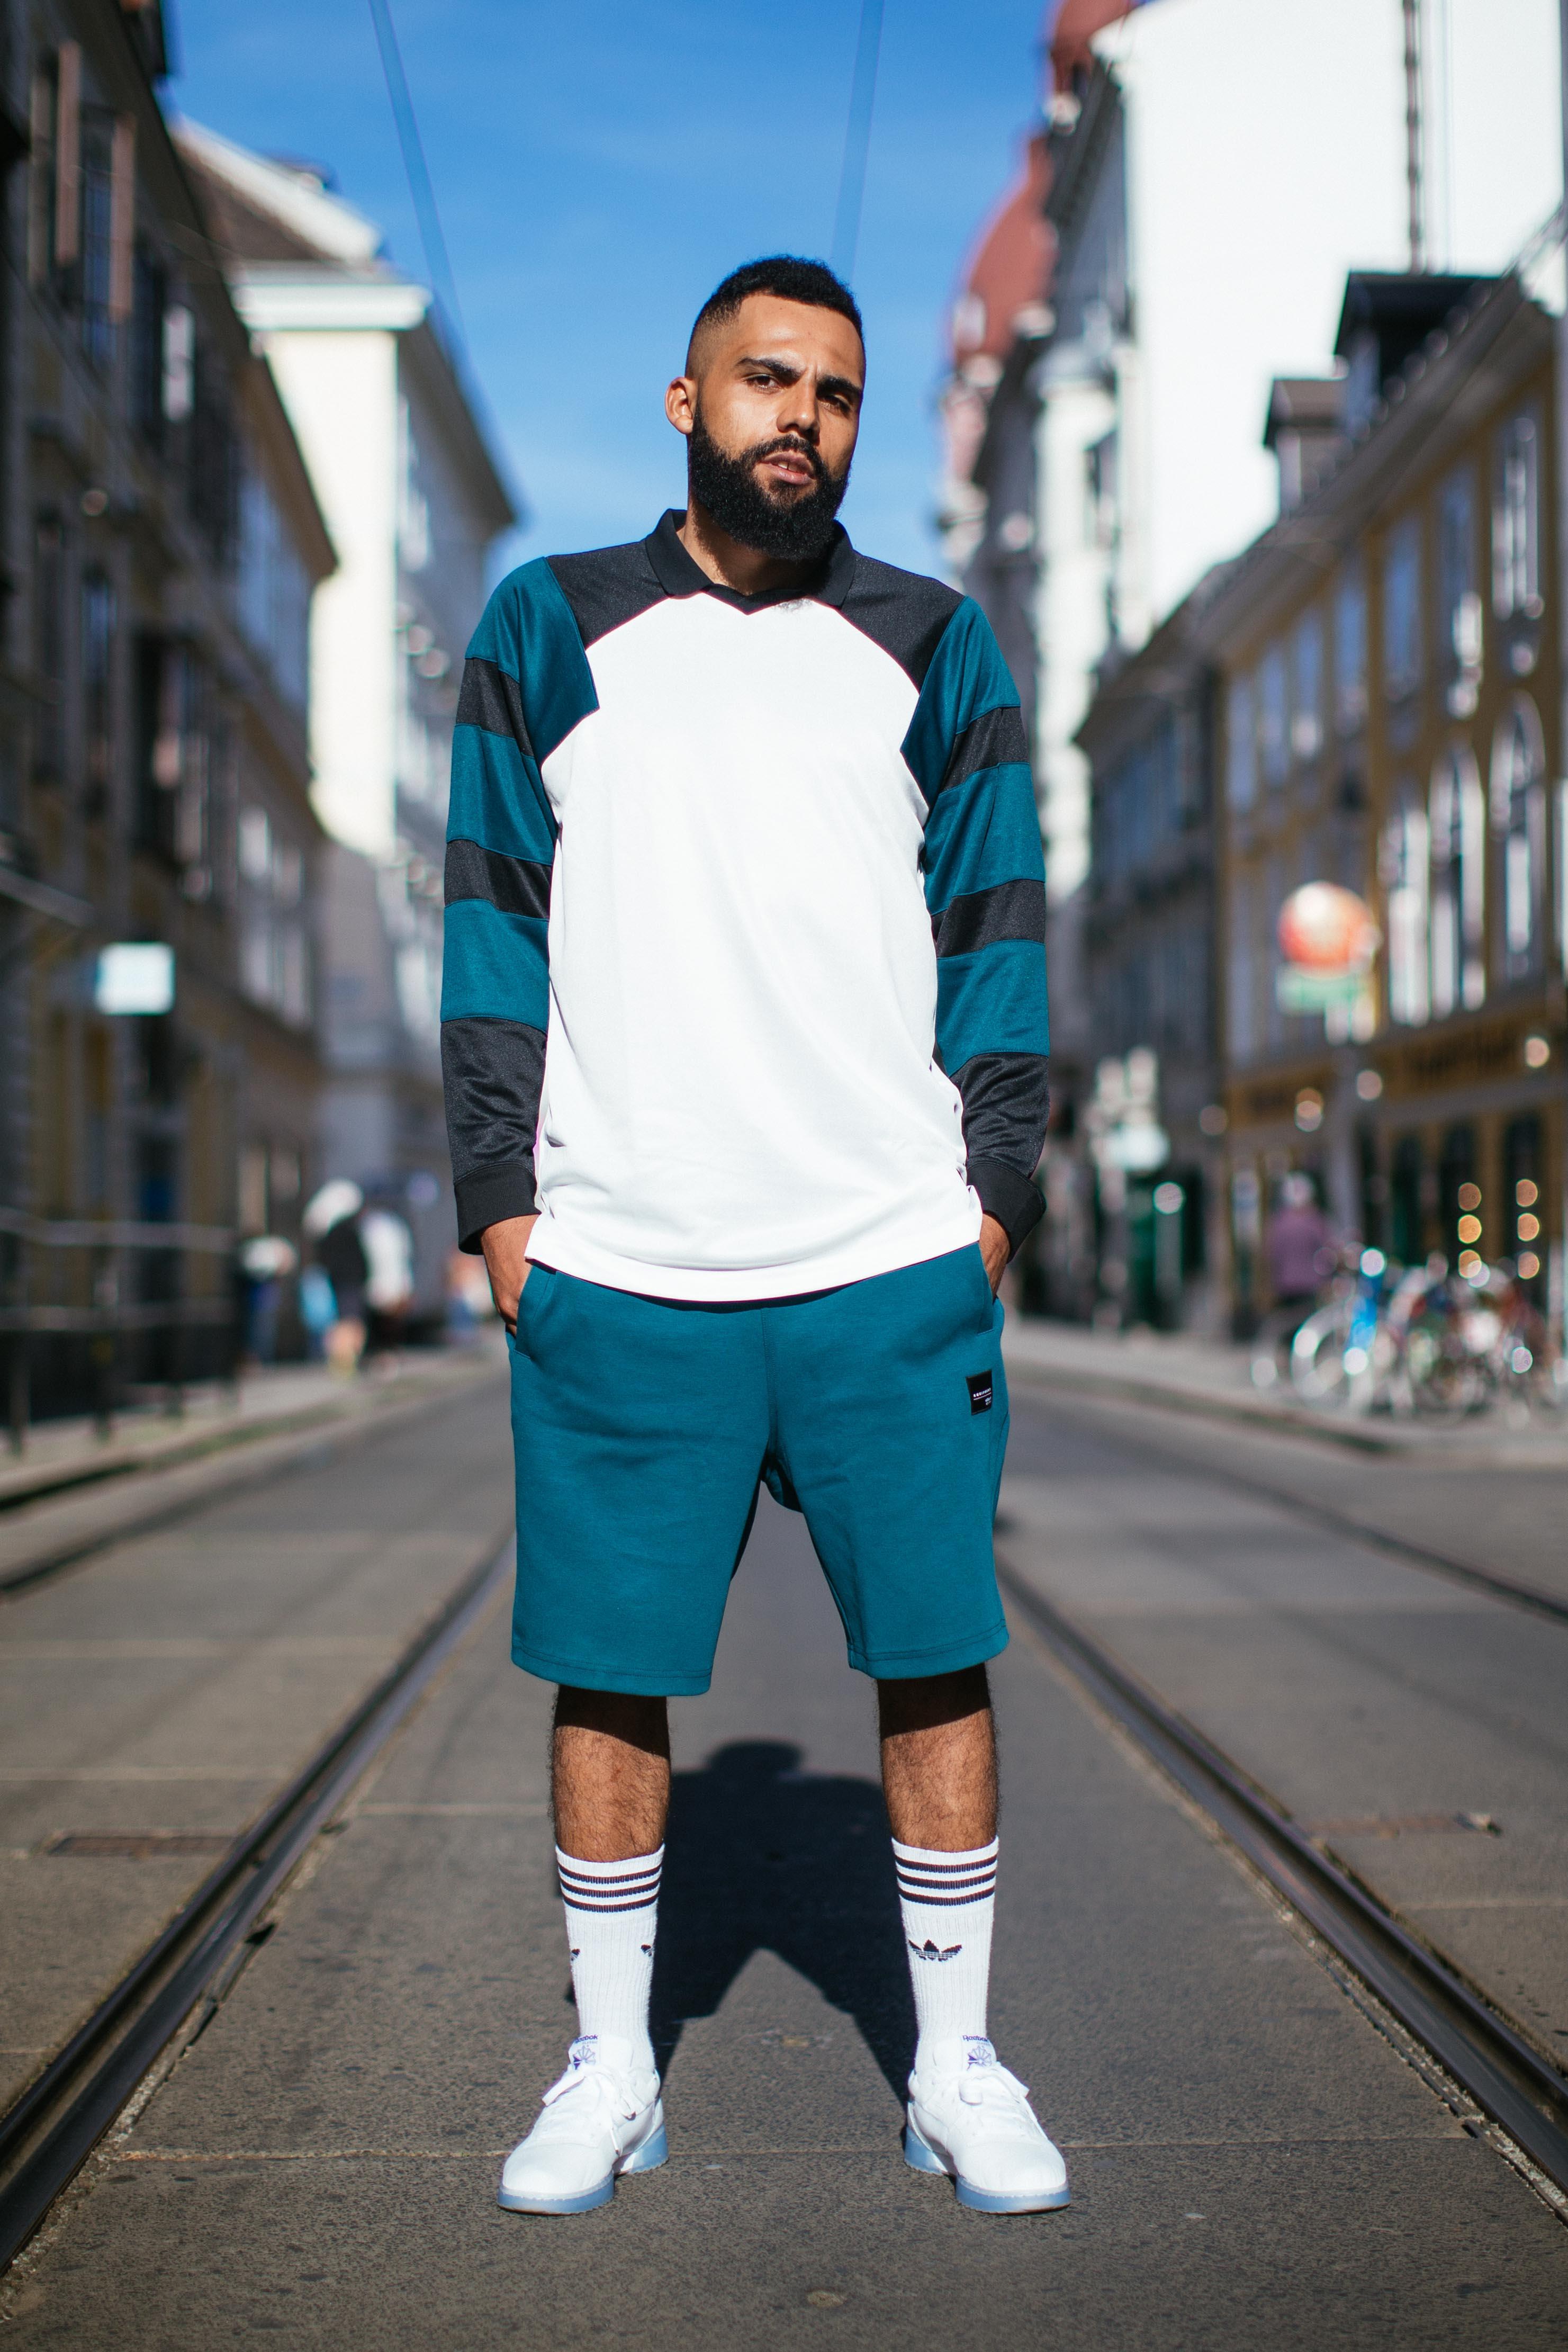 Athleisure-Trend: Jean-Claude Mpassy von New Kiss on the Blog trägt Adidas Originals